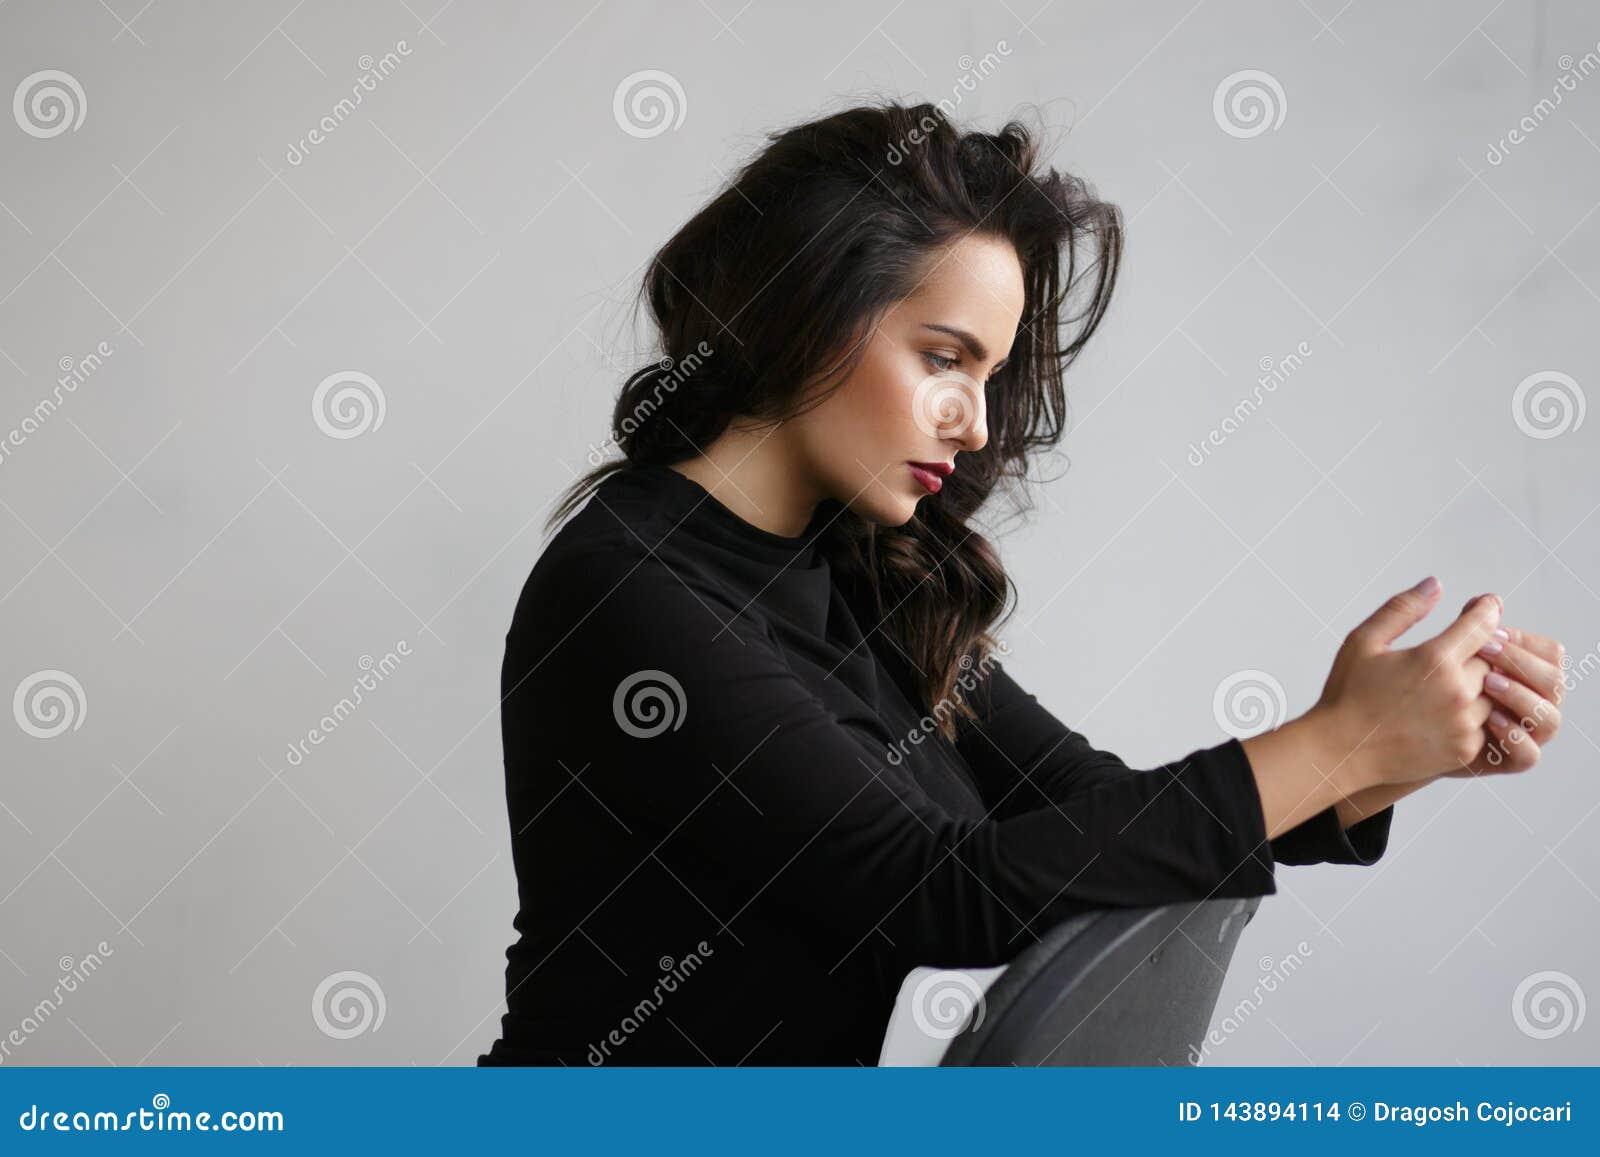 Profilporträt einer schönen nachdenklichen Frau im Schwarzen gesetzt auf Stuhl im Studio, auf einem grauen Hintergrund